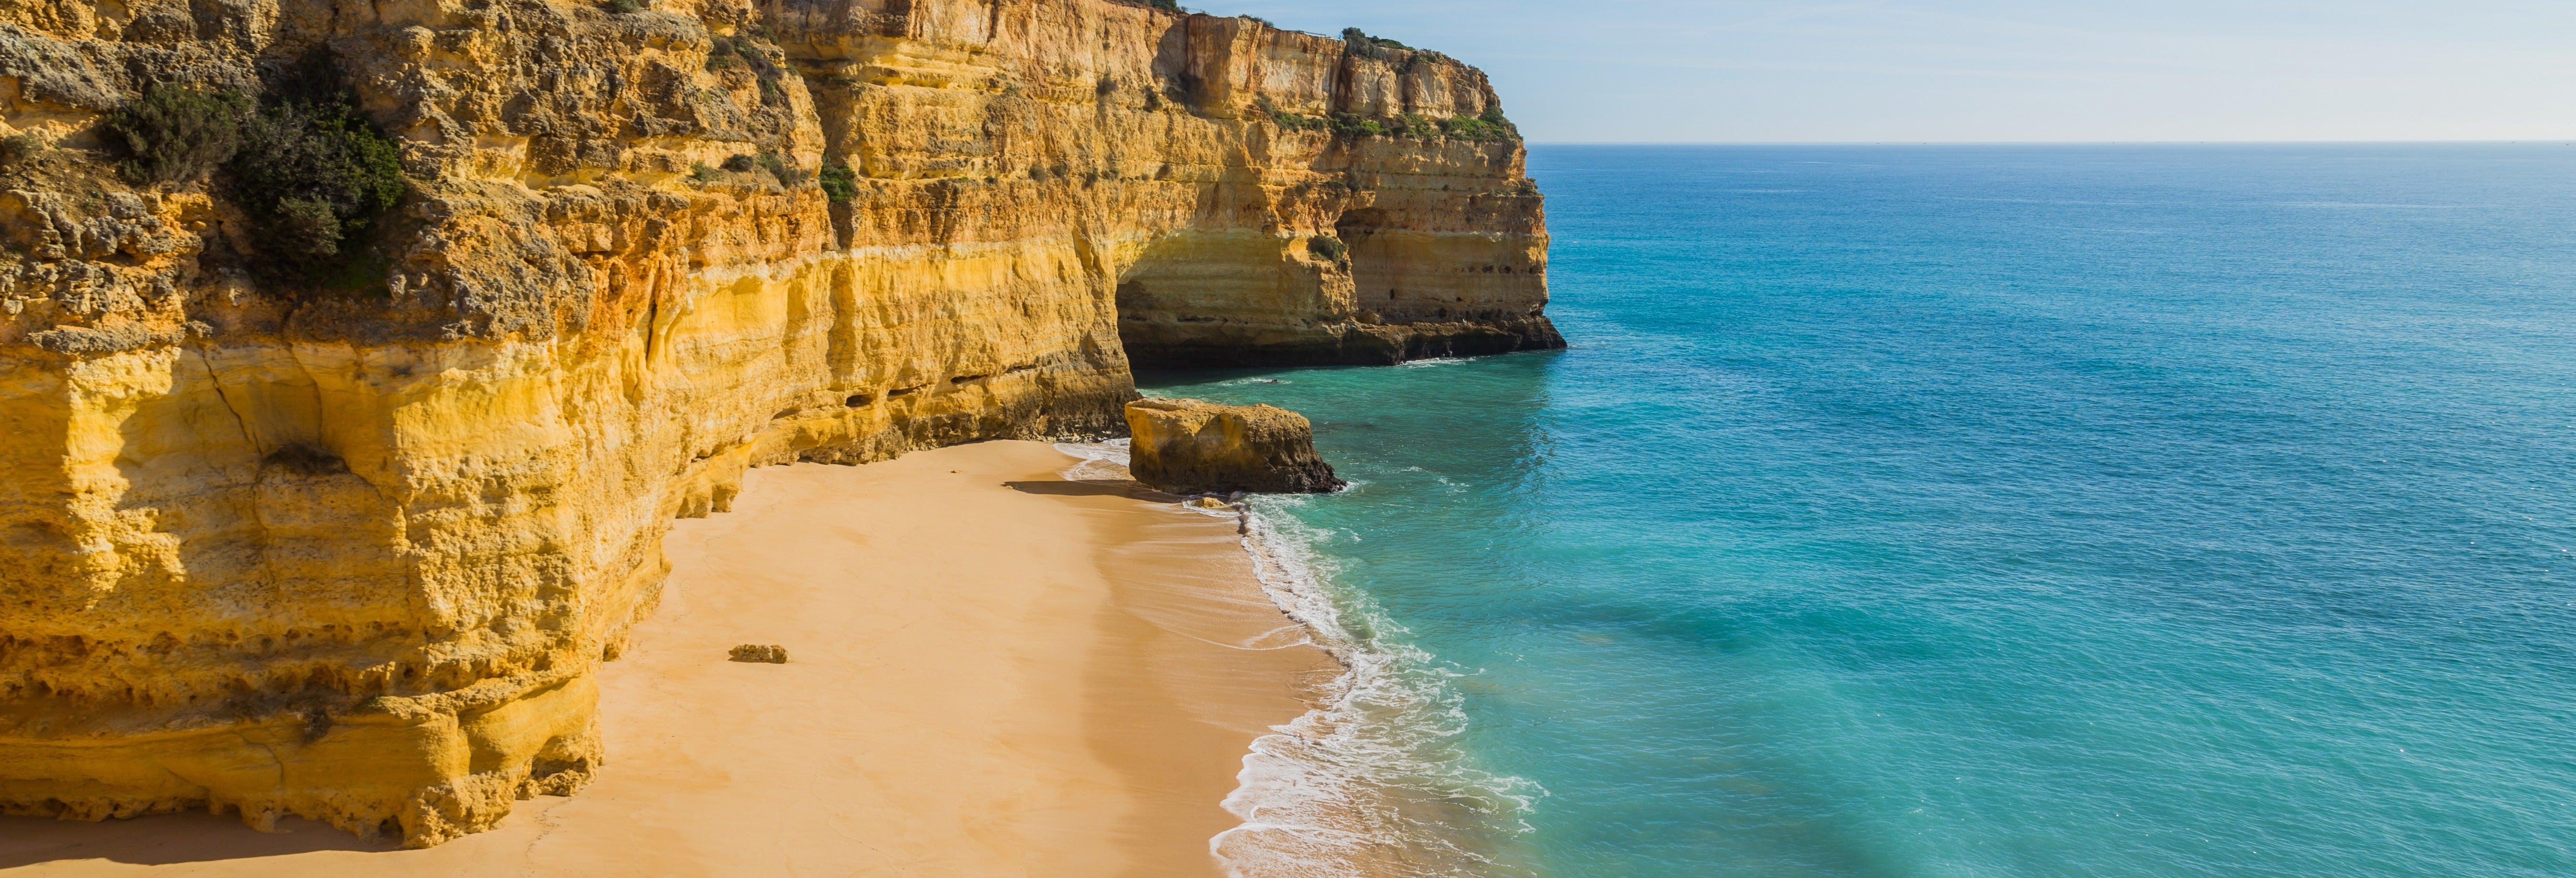 Excursión privada desde Huelva